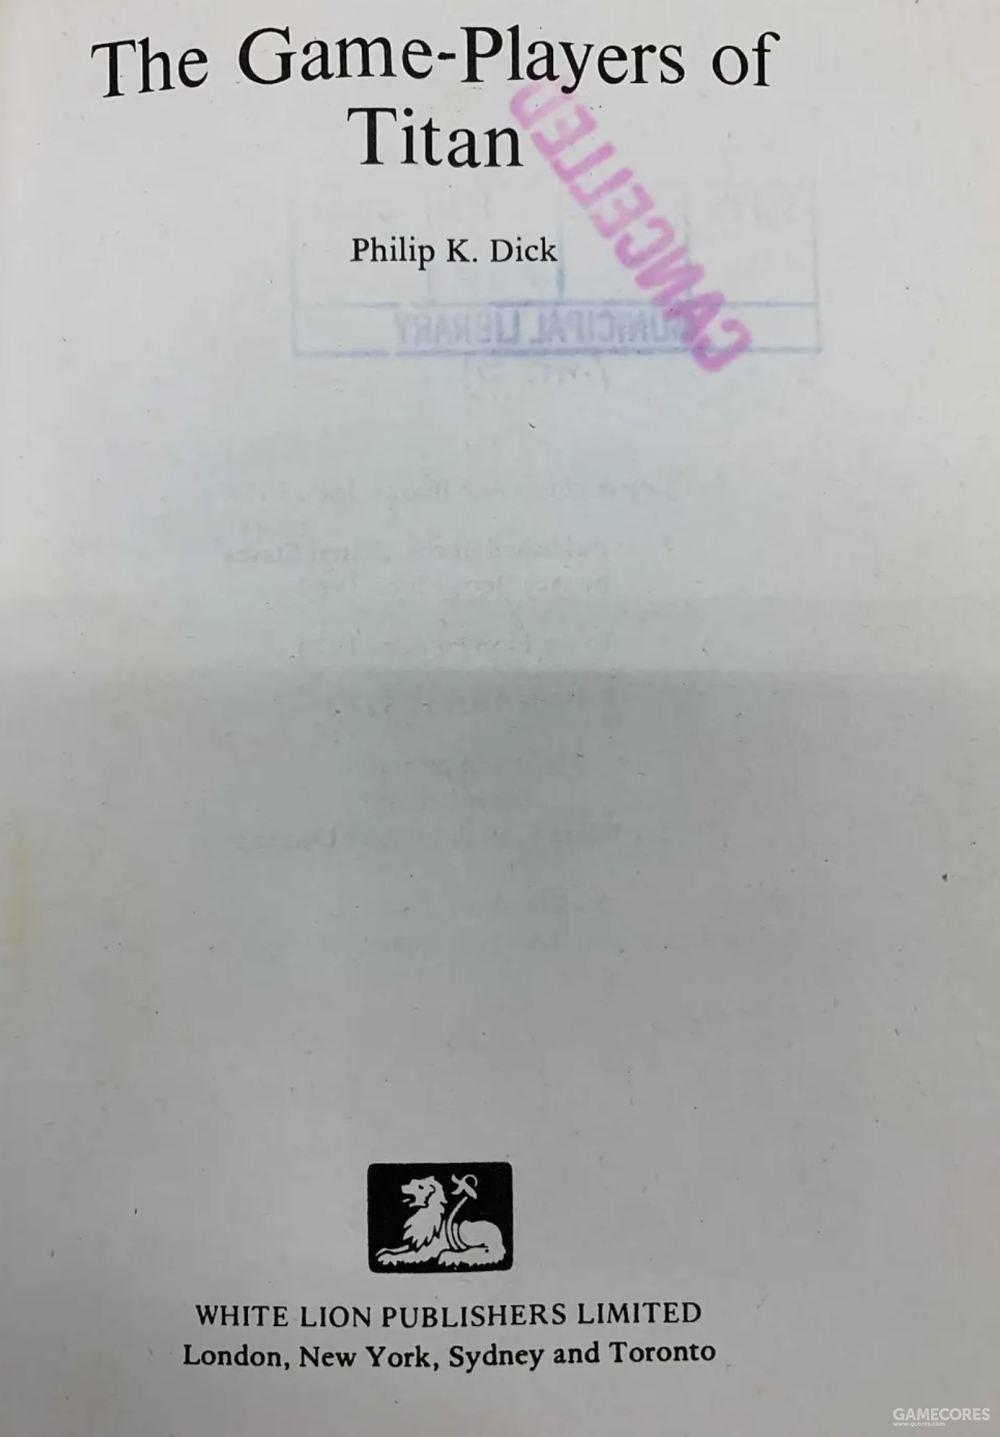 1970年代后期,白狮在英国出版了好些PKD精装